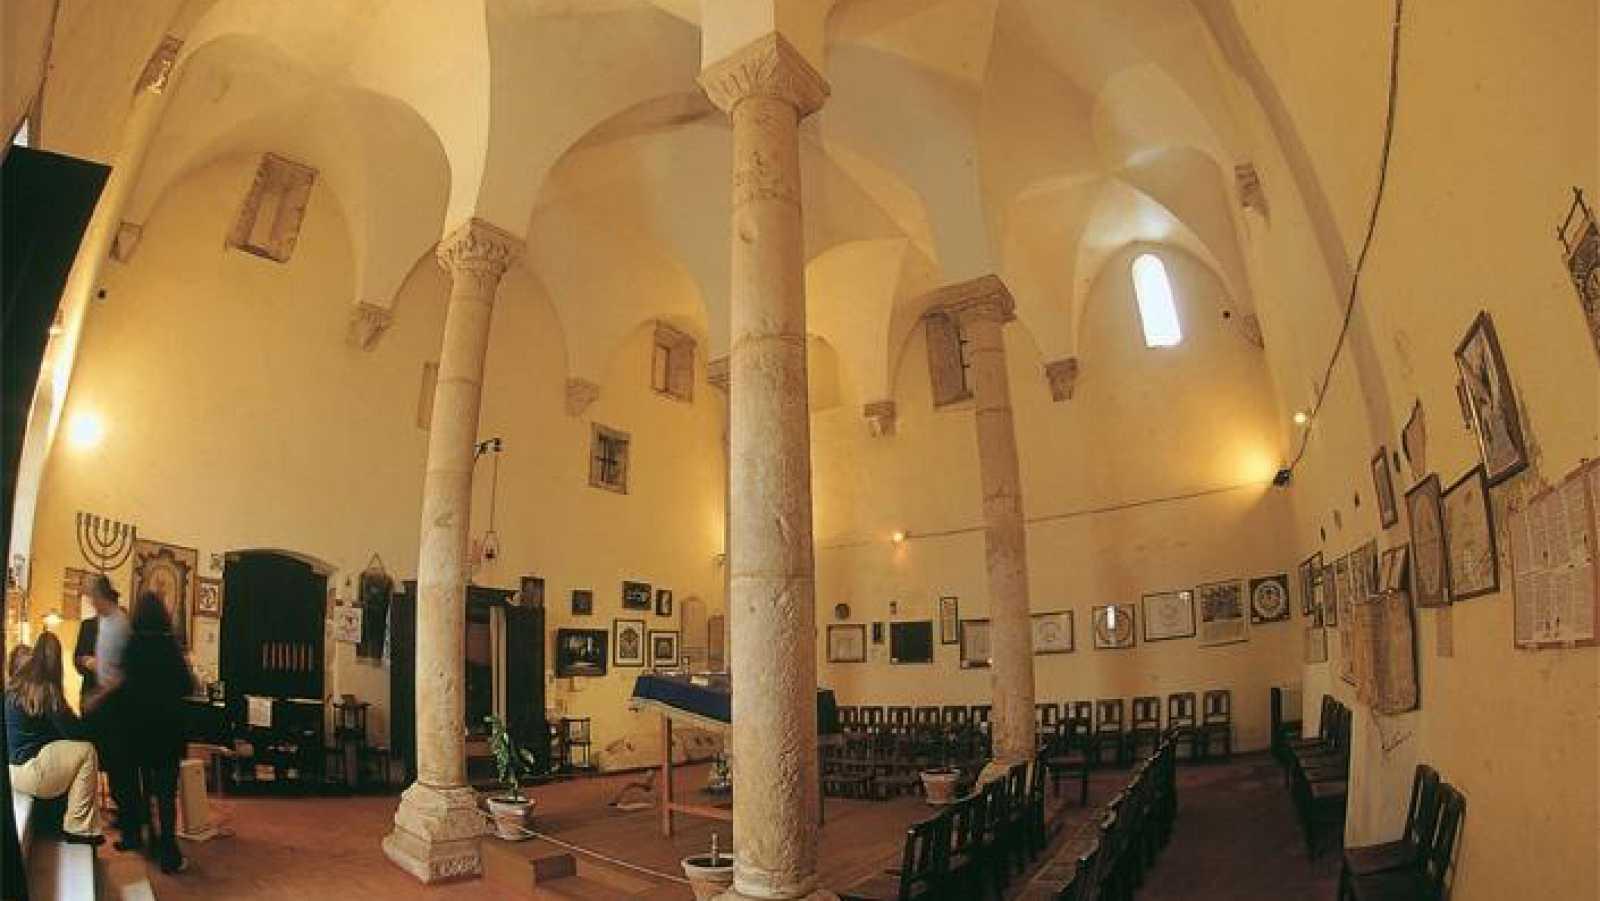 Tomarsinagoga